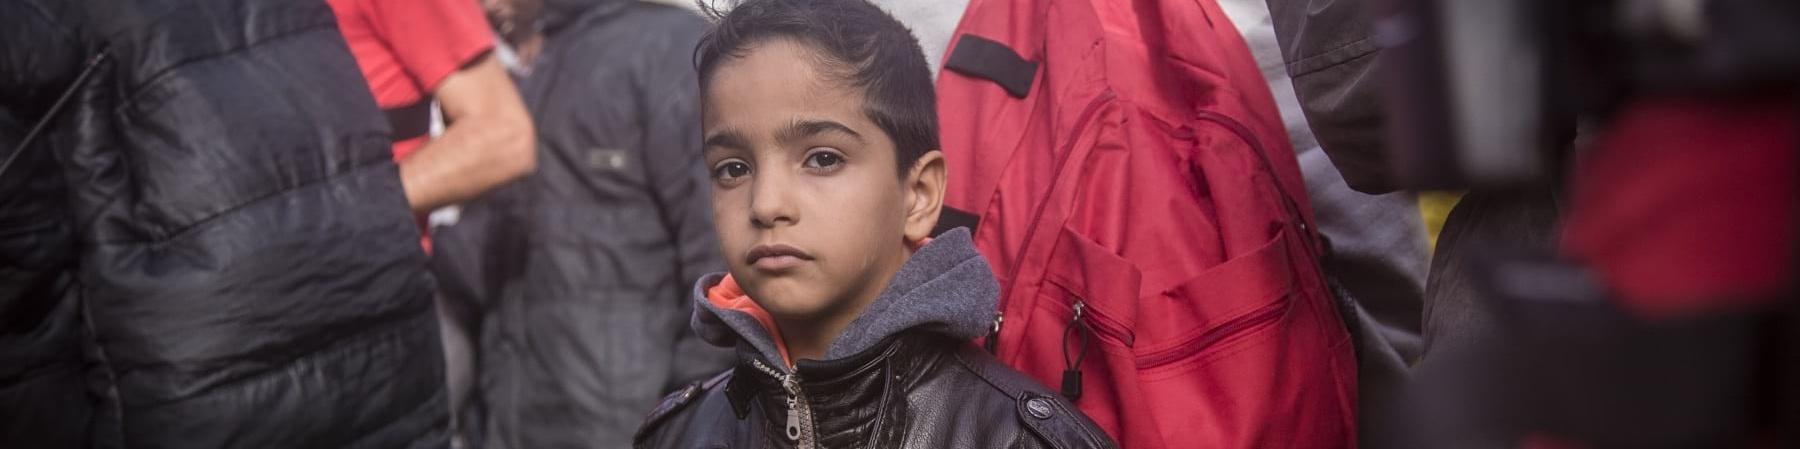 Un bambino in mezzo a tante persone guarda in camera. Indossa una giacca di pelle nera con la zip. Lui è moro e ha i capelli corti